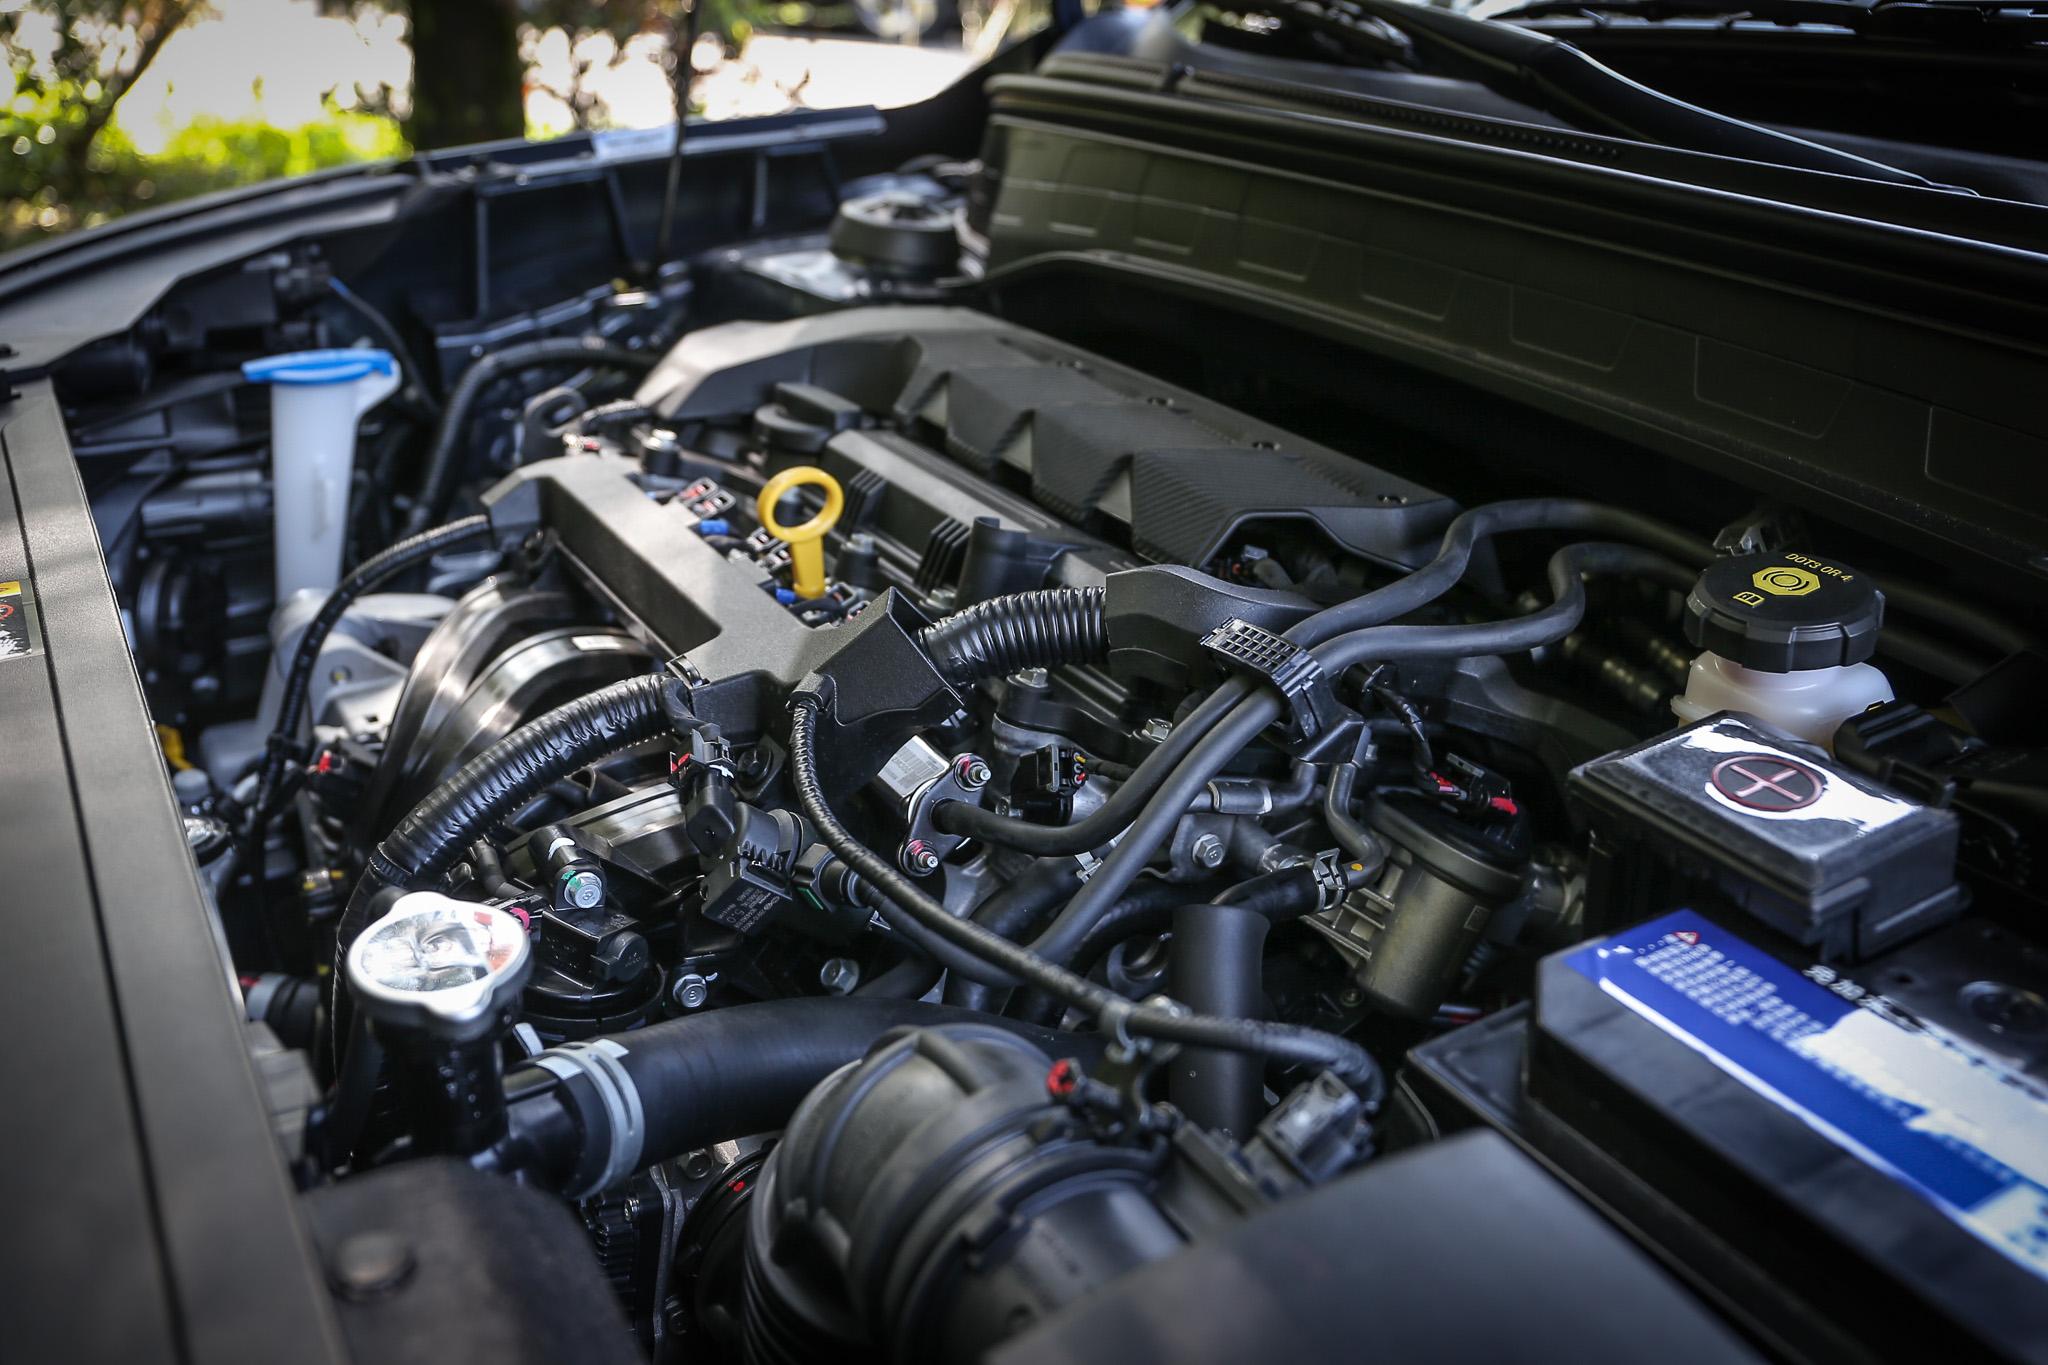 搭載 1.6 升直列四缸汽油引擎,具備 123ps/6300rpm 最大馬力,與 15.7kgm/4500rpm 最大扭力輸出。